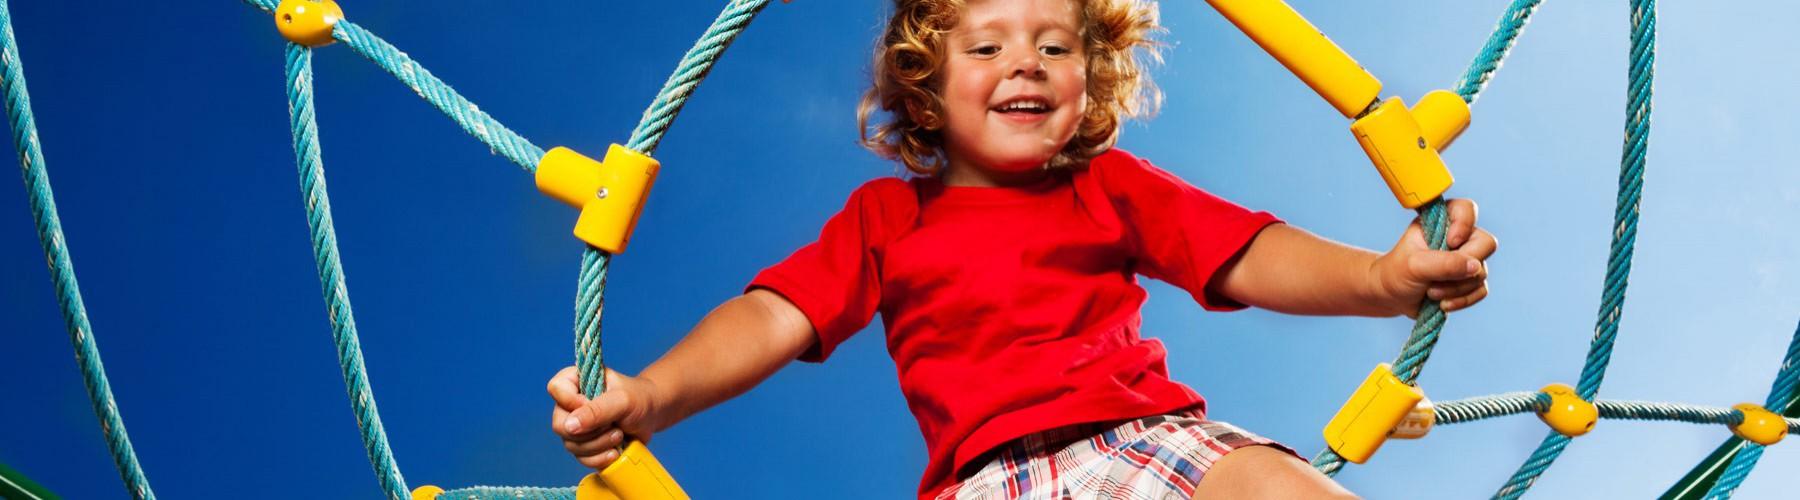 Meedoen aan leuke dingen!  Wij vinden het belangrijk dat jij mee kan doen aan sporten, een schoolreisje of naar muziekles.